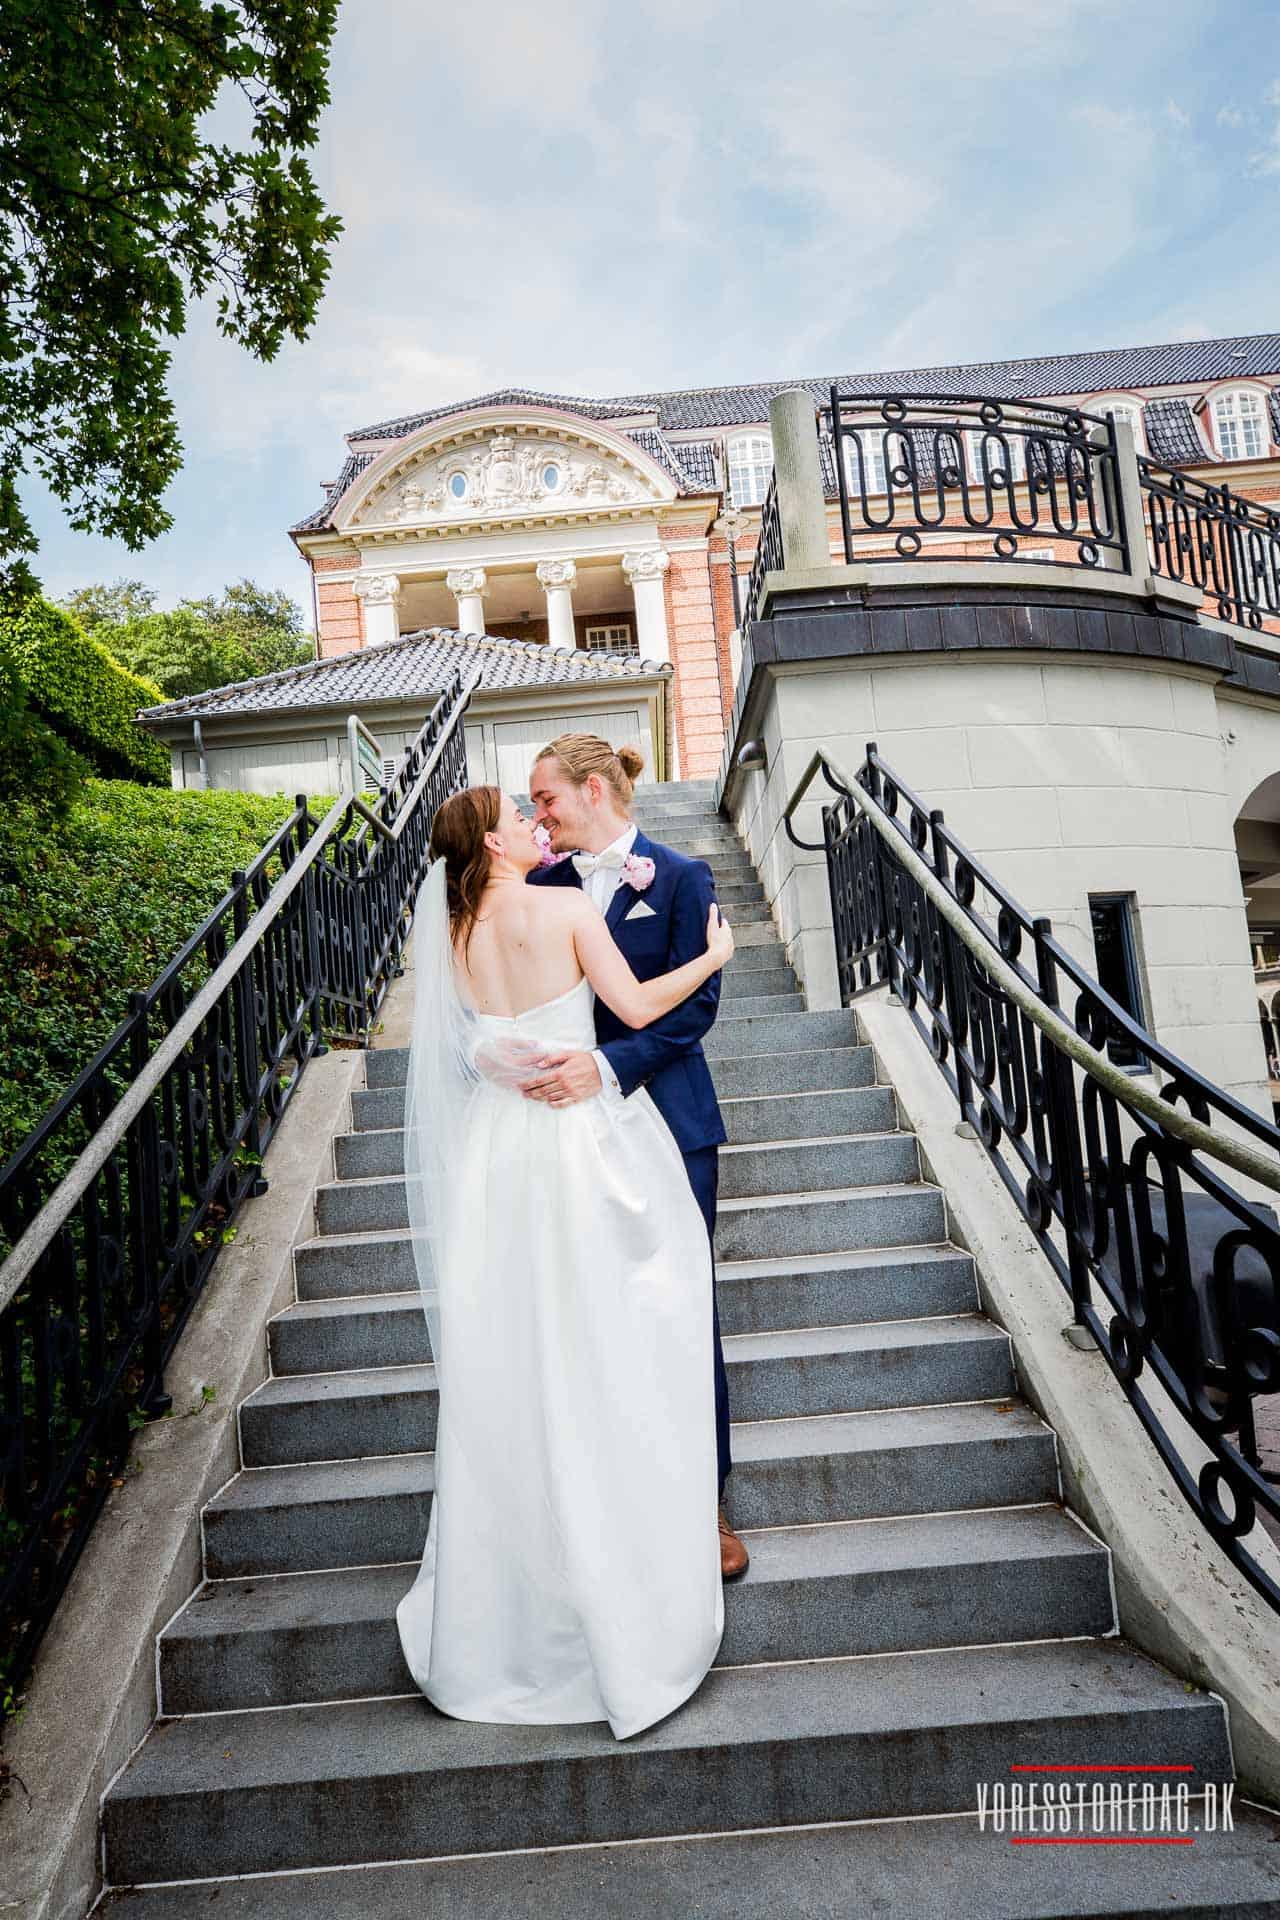 Professionel Bryllupsfotograf | Kreativ, afslappet, personlig